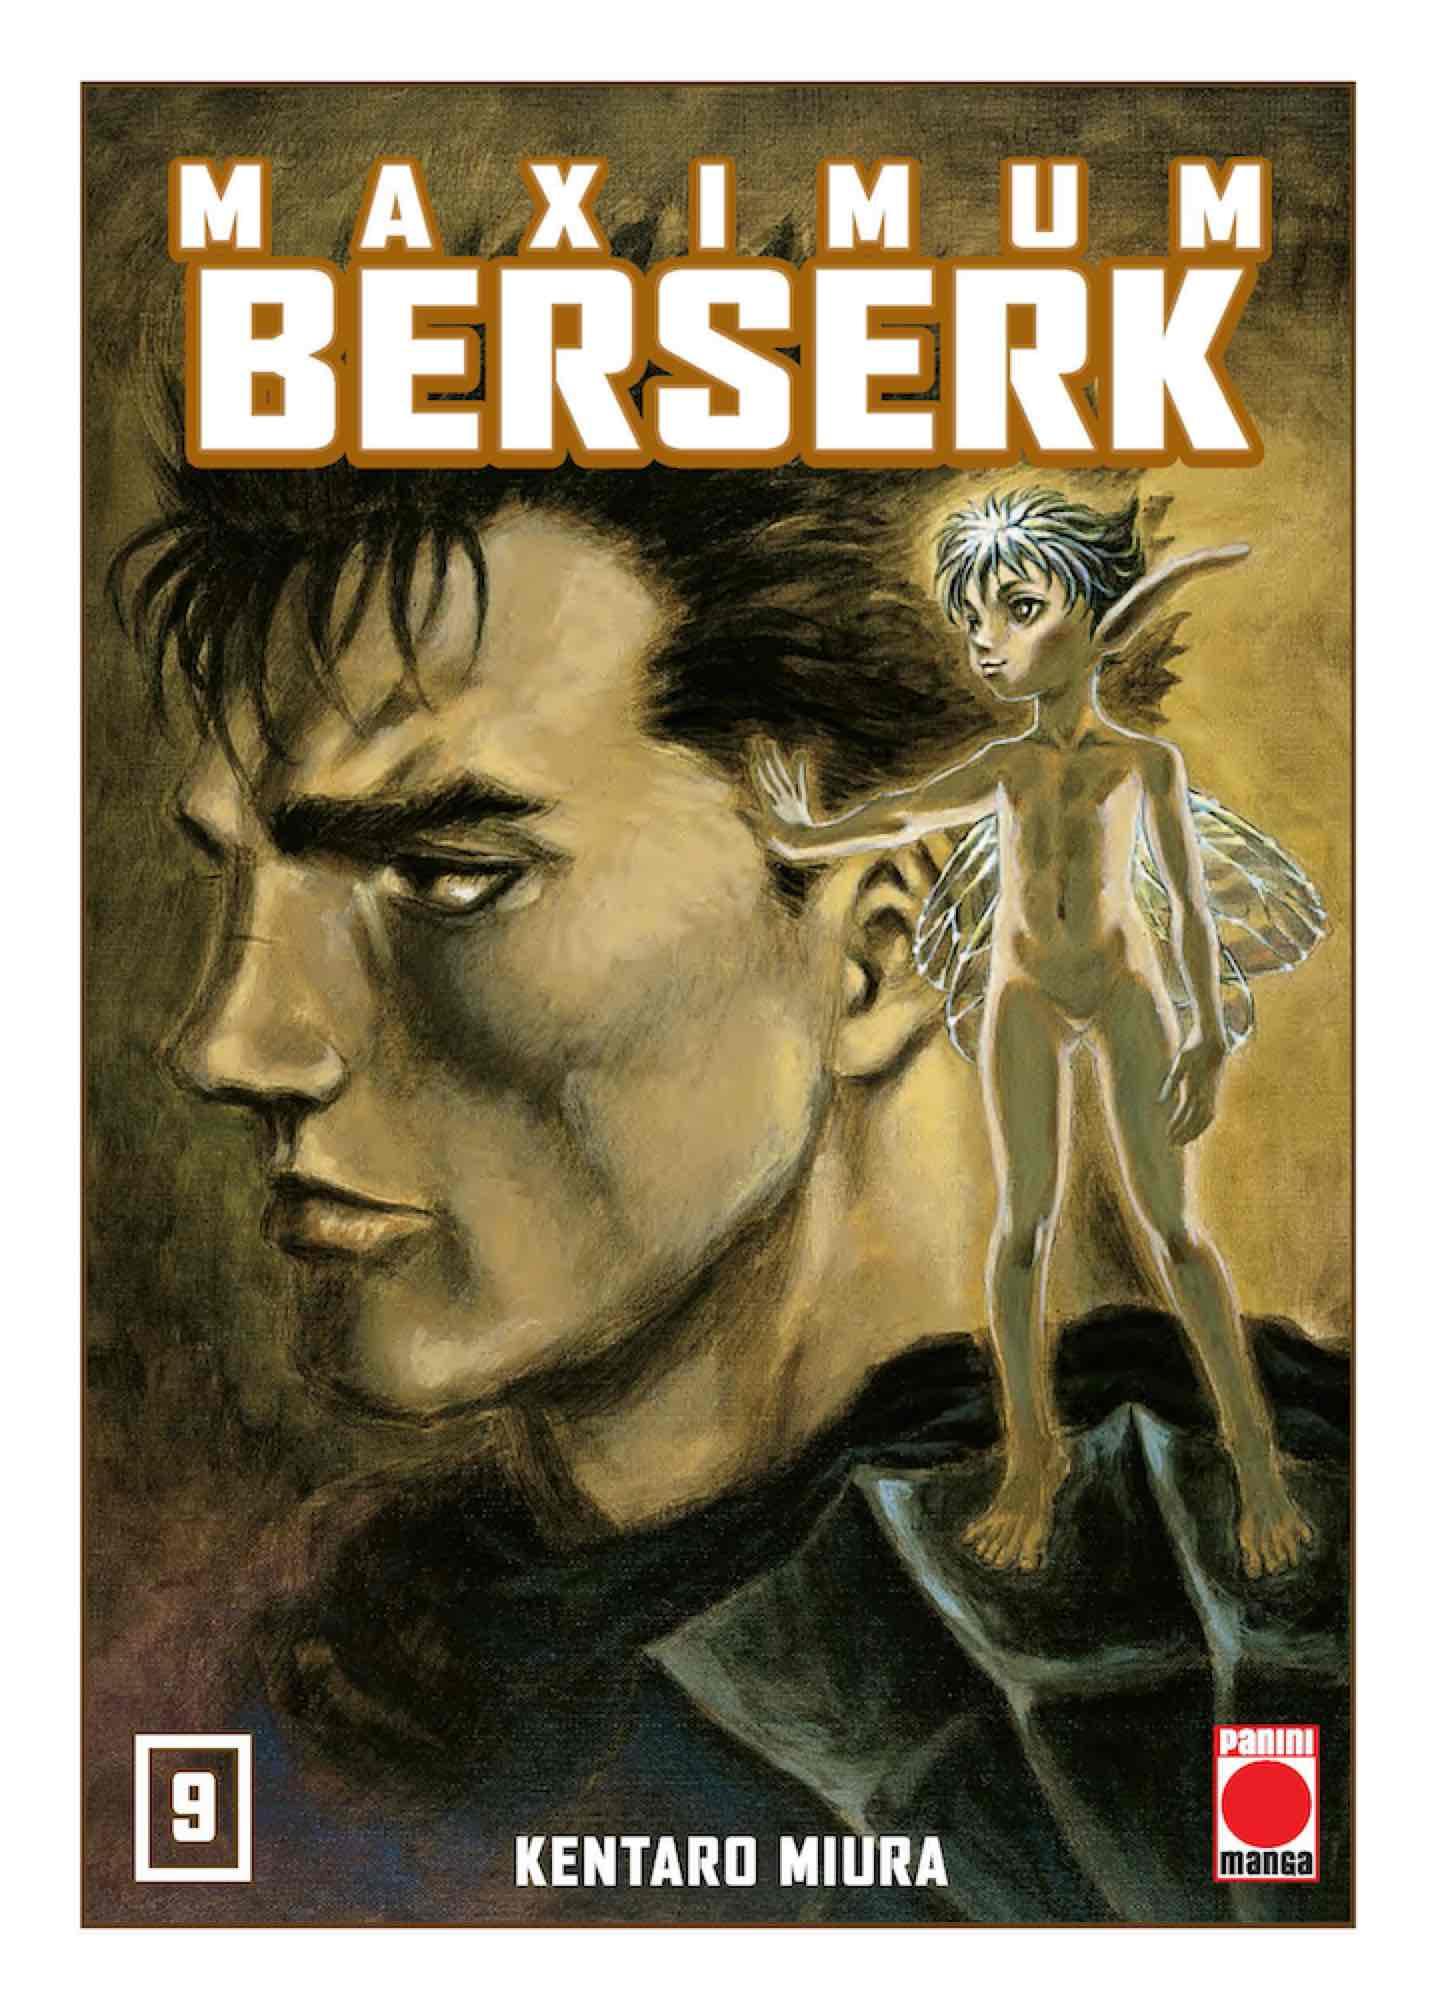 BERSERK MAXIMUM 9